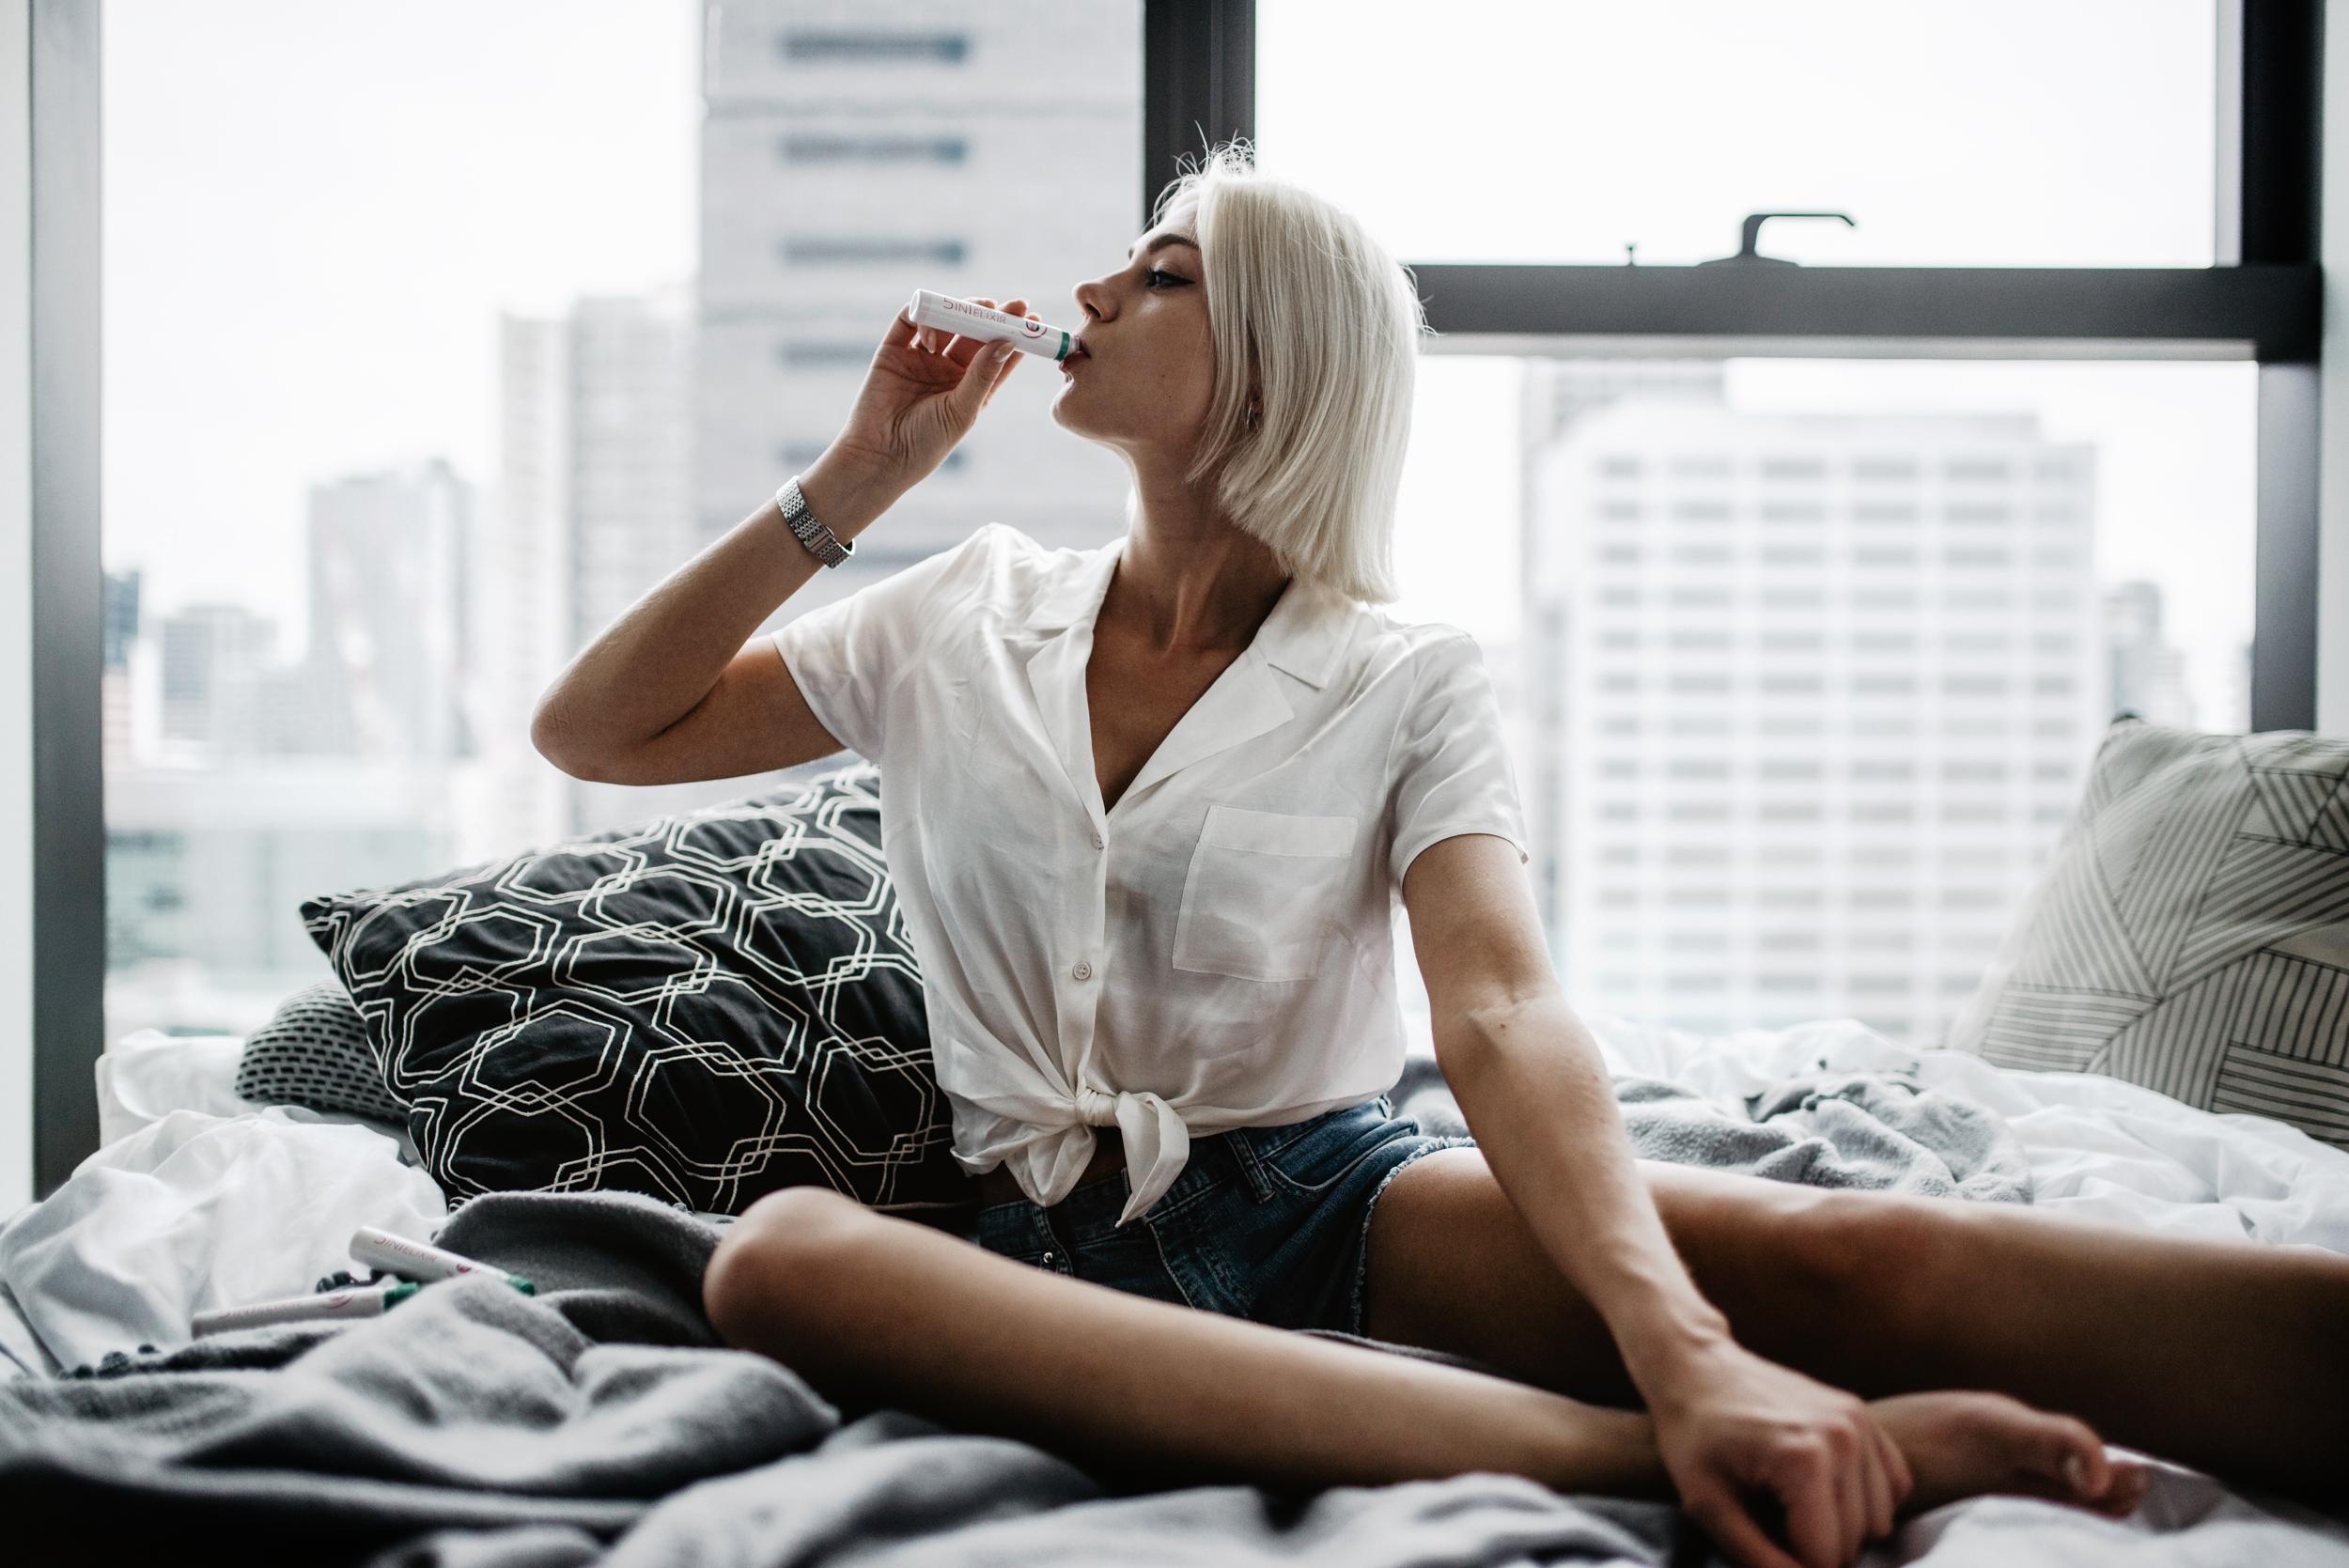 LR LIFETAKT 5in1 Beauty Elixir im Test_Erfahrung_Preis_Inhaltsstoffe-final3